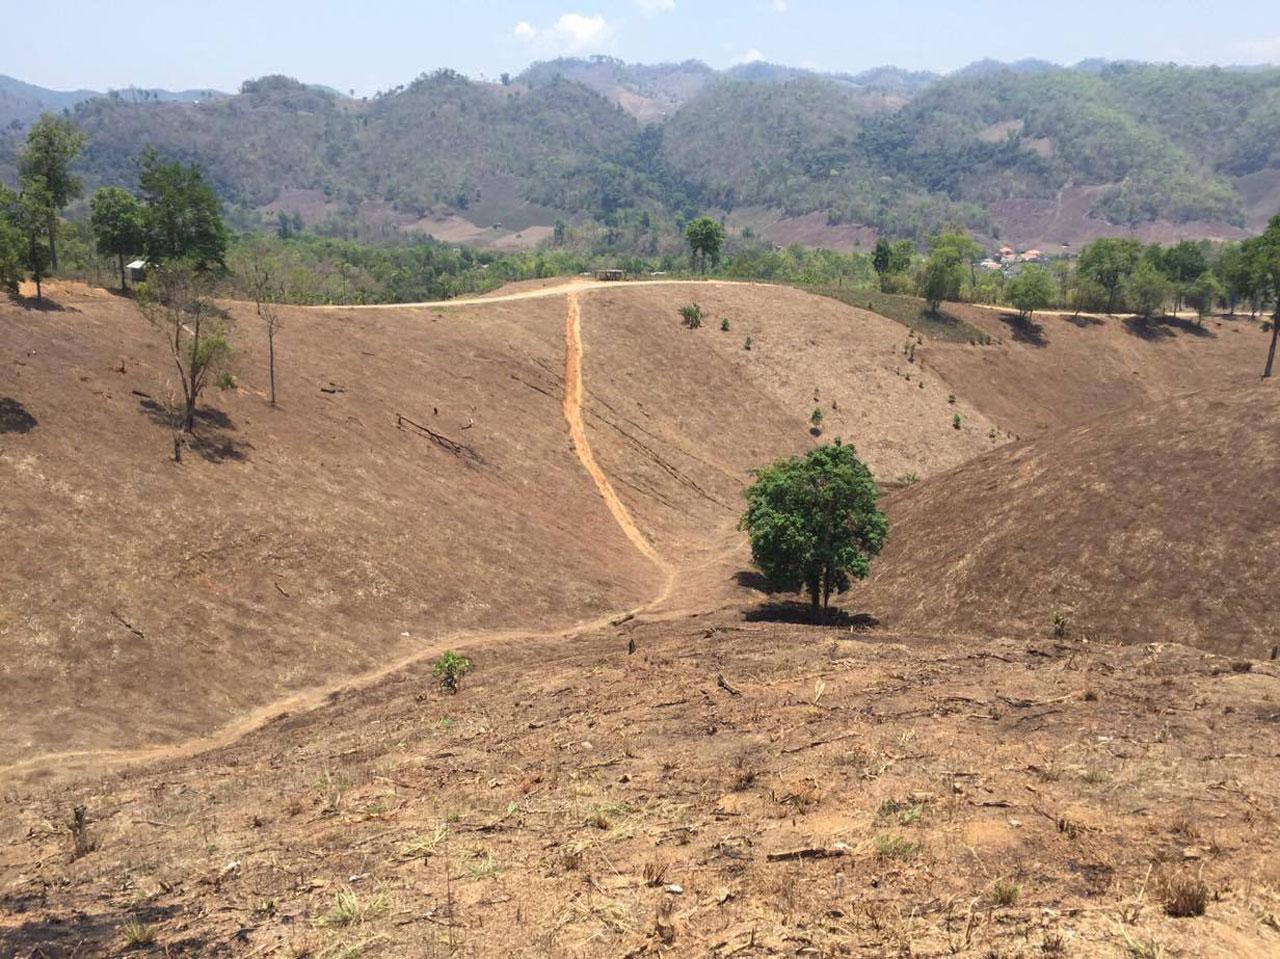 เป็นภาพที่สะเทือนใจคนไทยเป็นอย่างมาก สำหรับผืนป่าต้นน้ำน่าน ที่วันนี้เหลือเพียงภูเขาหัวโล้น